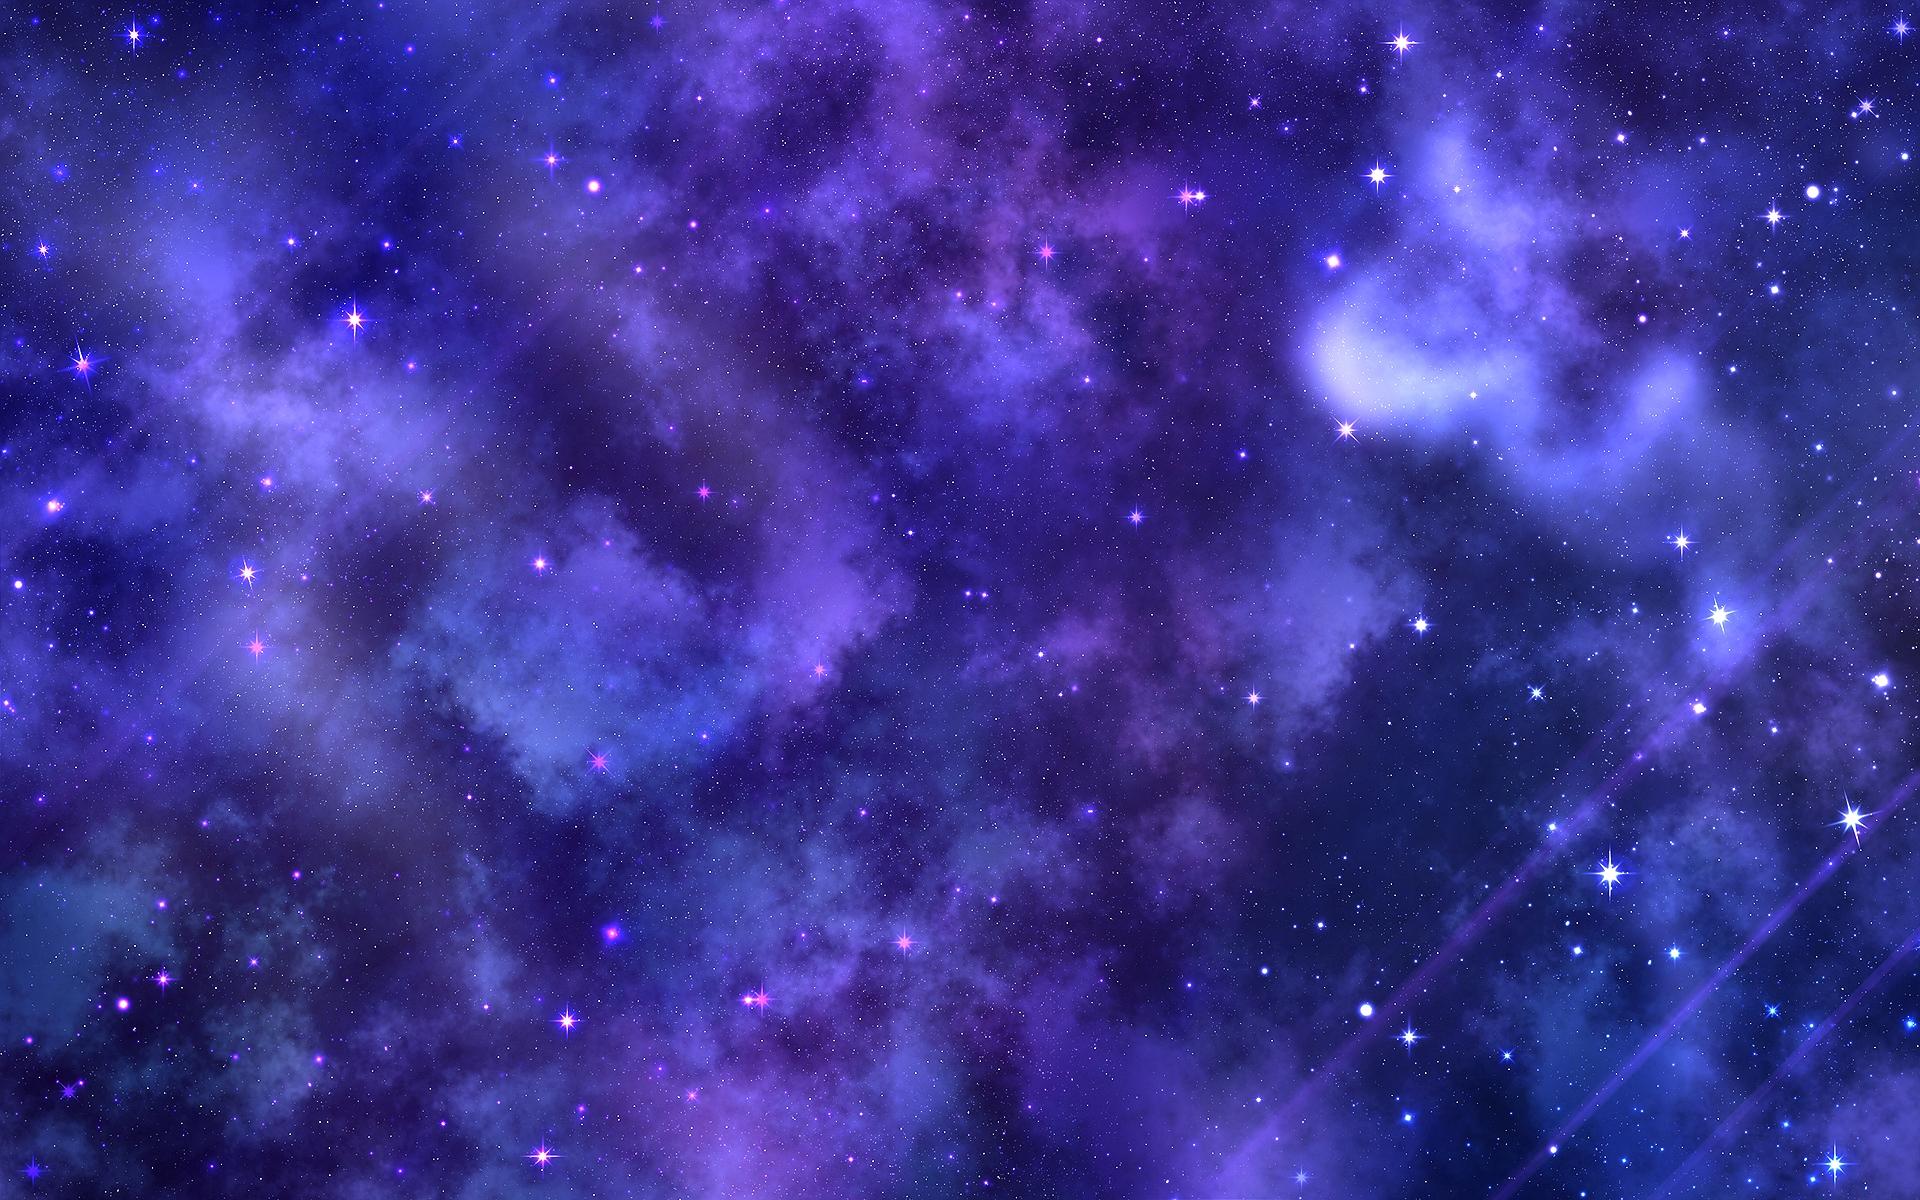 Nebulosas moradas - 1920x1200